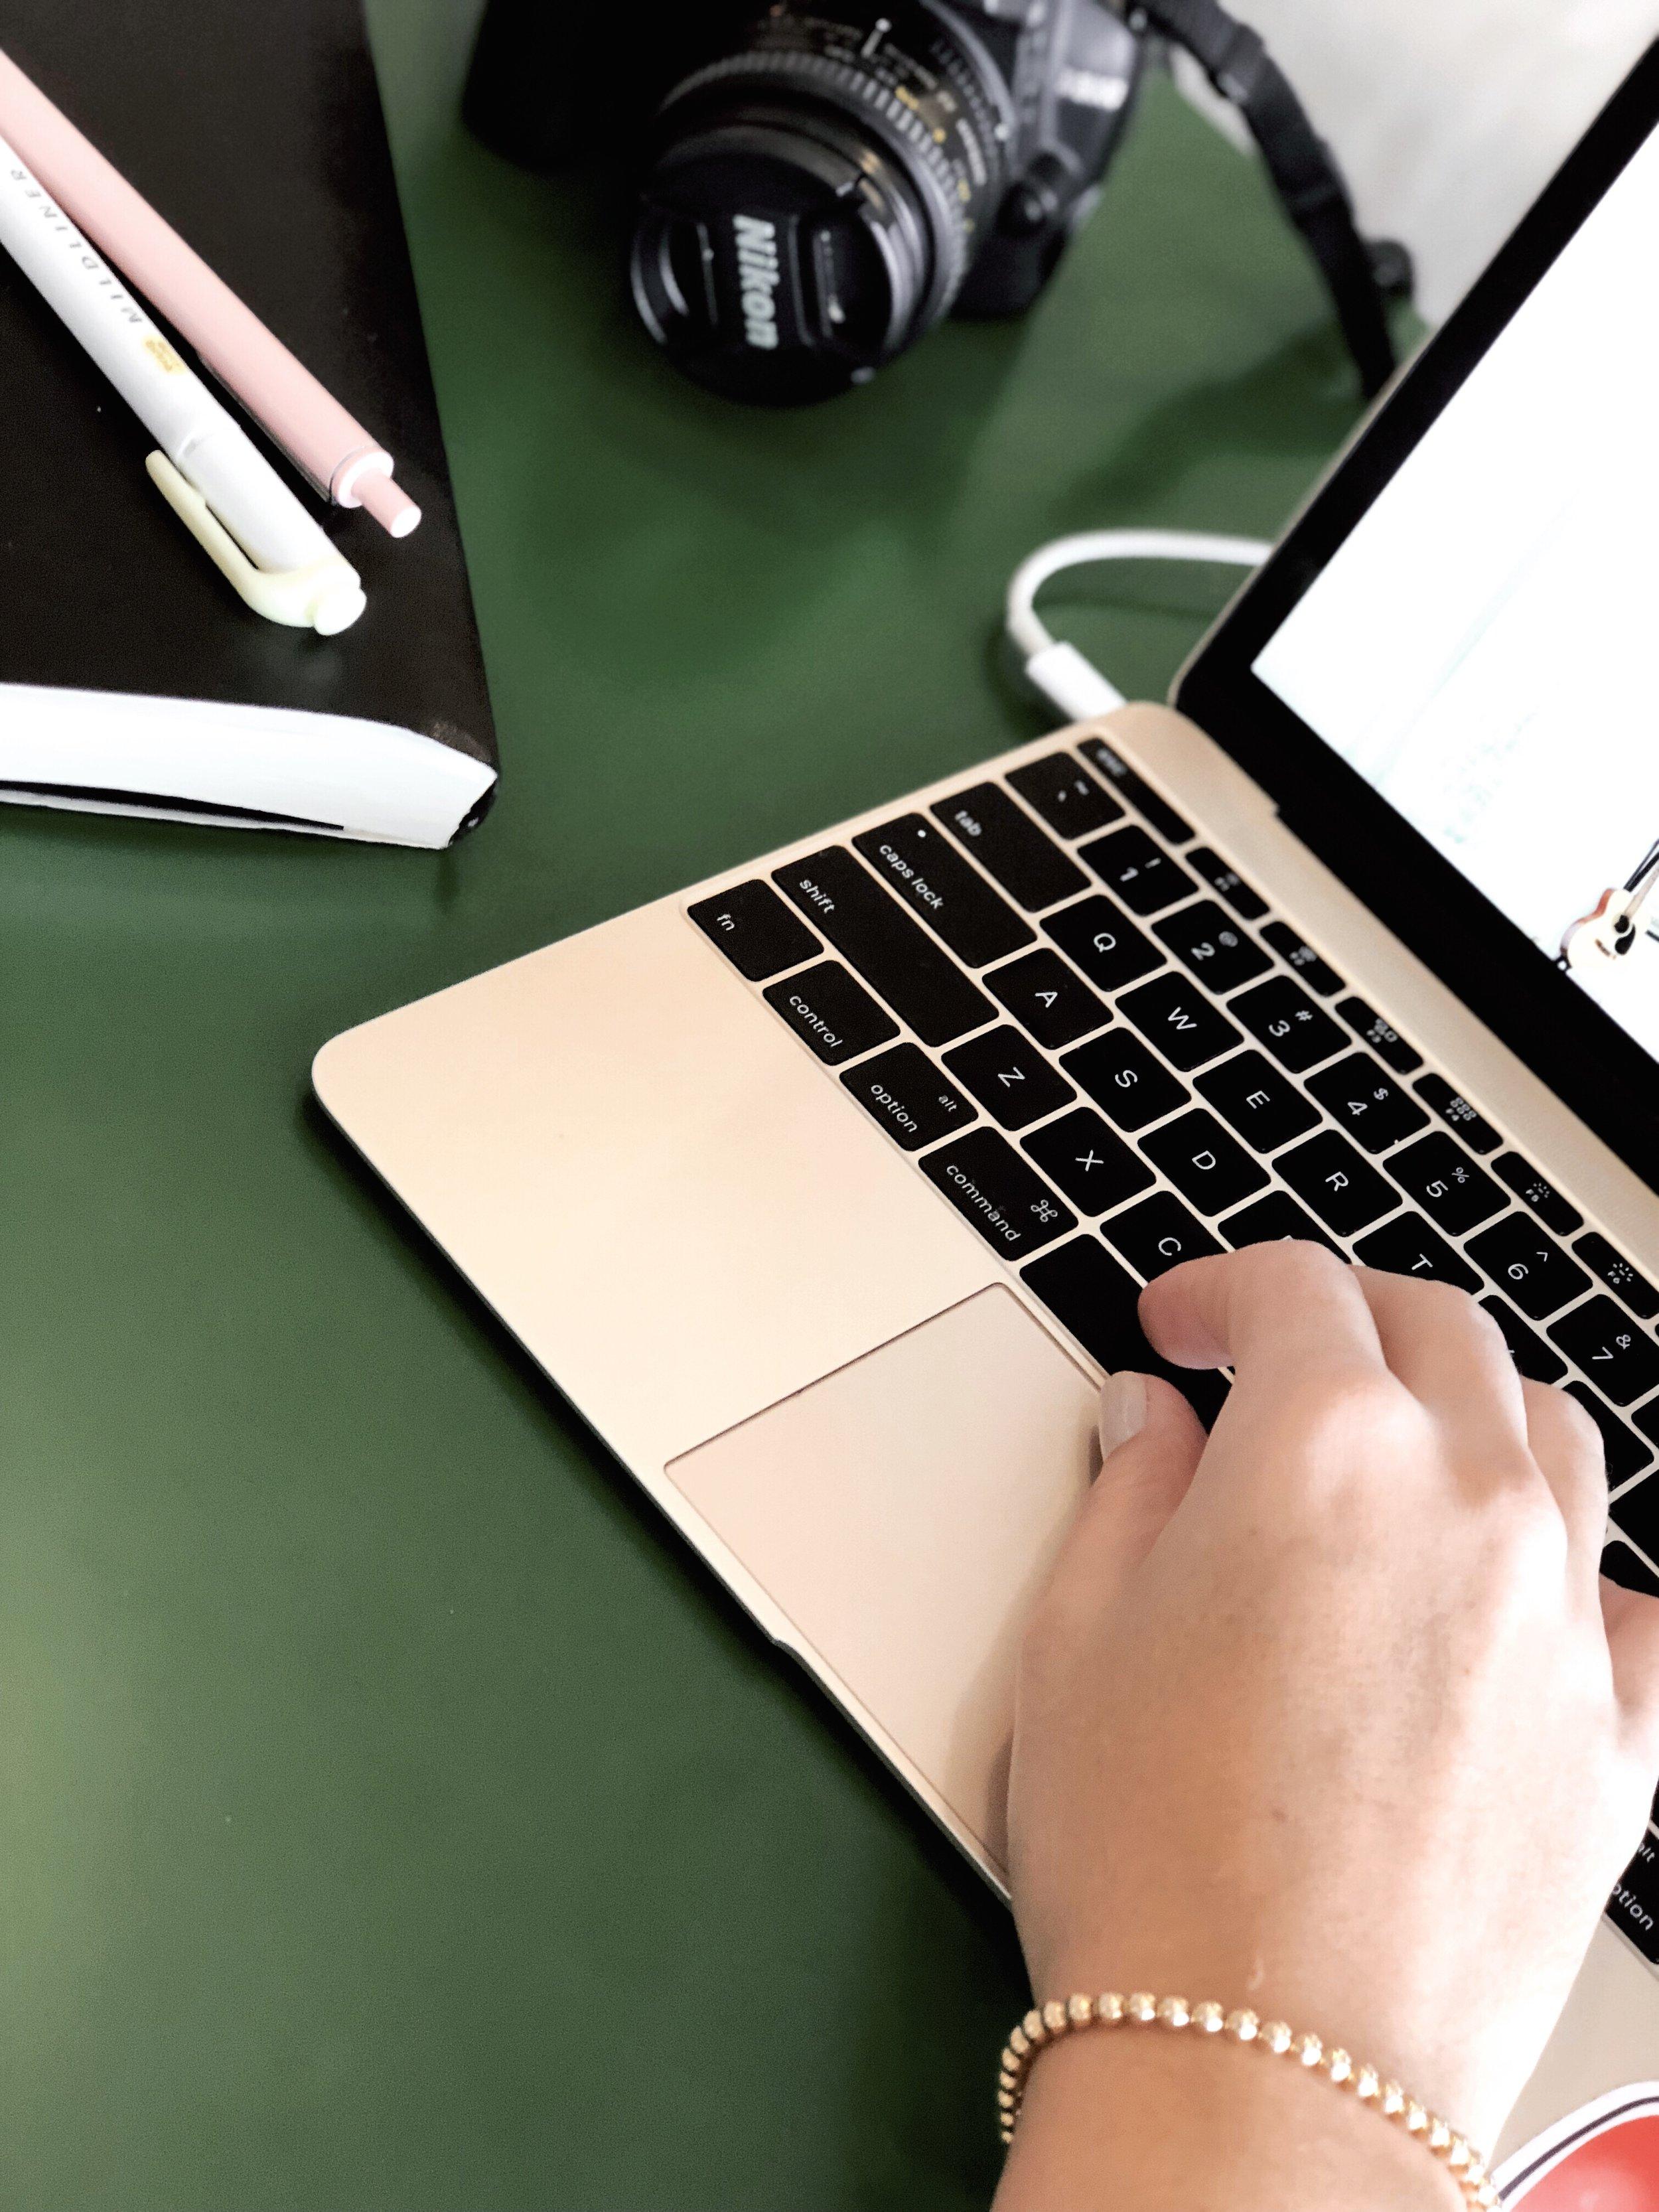 procrastinacao lolla - Os Apps Para Aumentar a Produtividade Que a Gente Ama